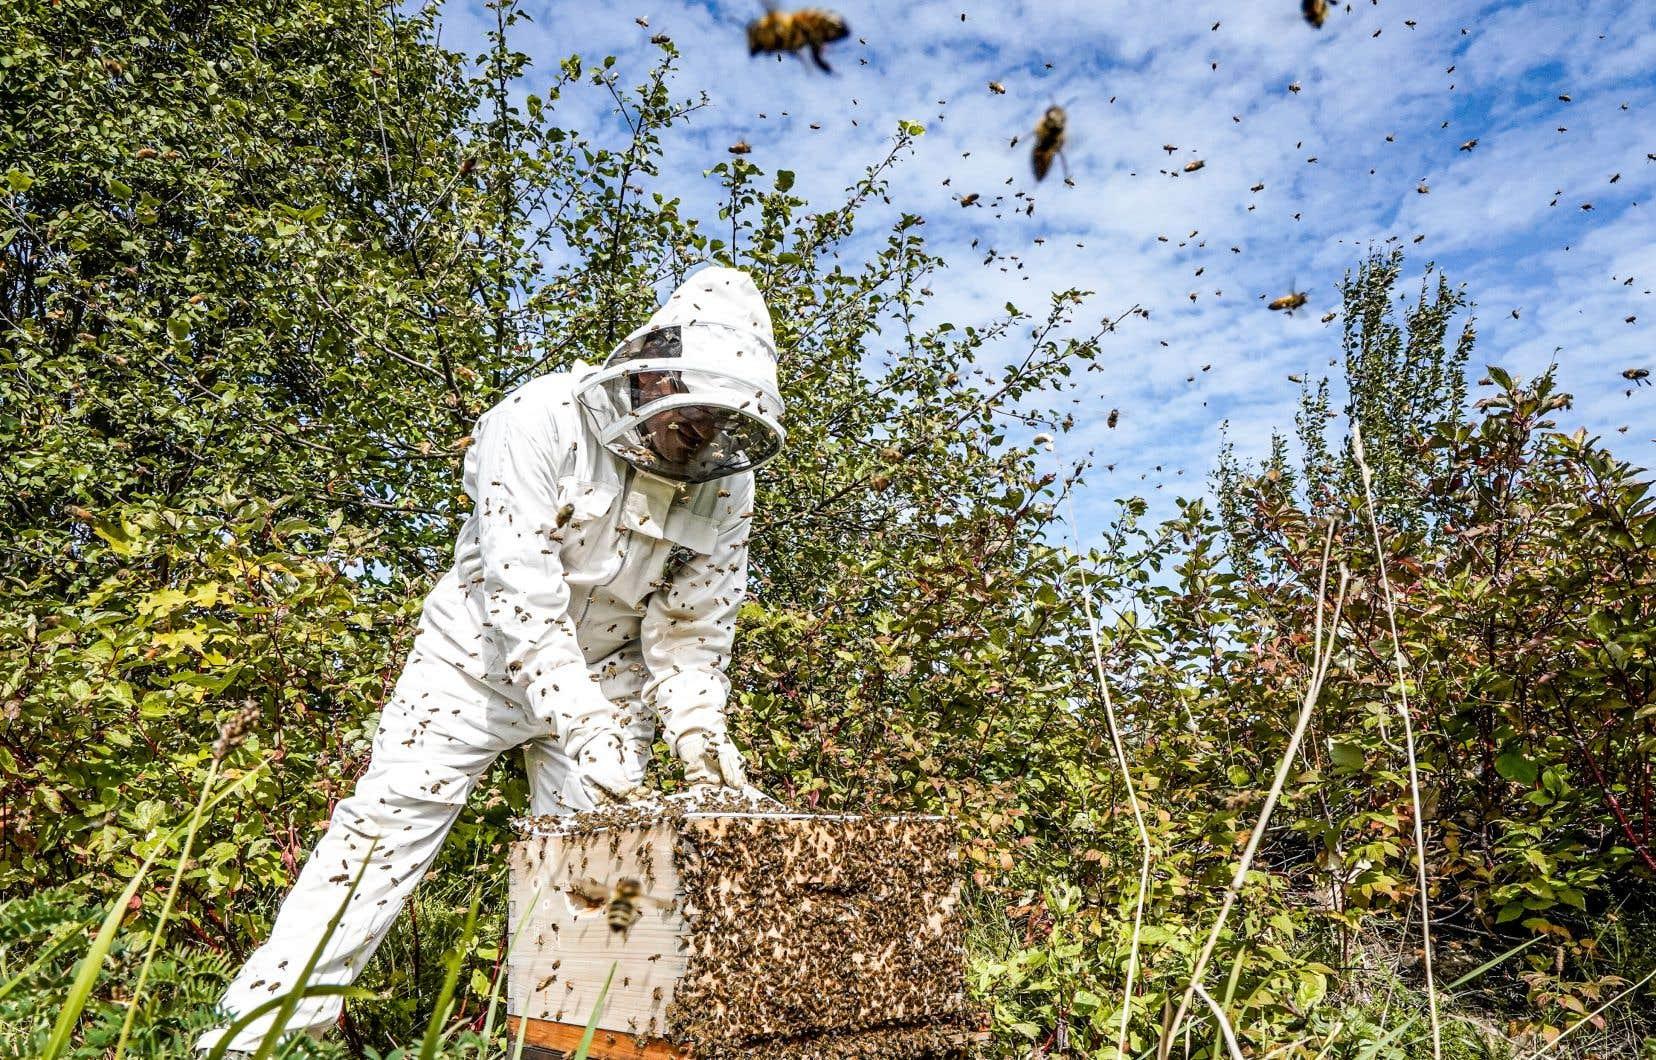 Dans les trois prochaines années, la population de la Haute-Gaspésie devrait voir apparaître, par exemple, des ruches écologiques.